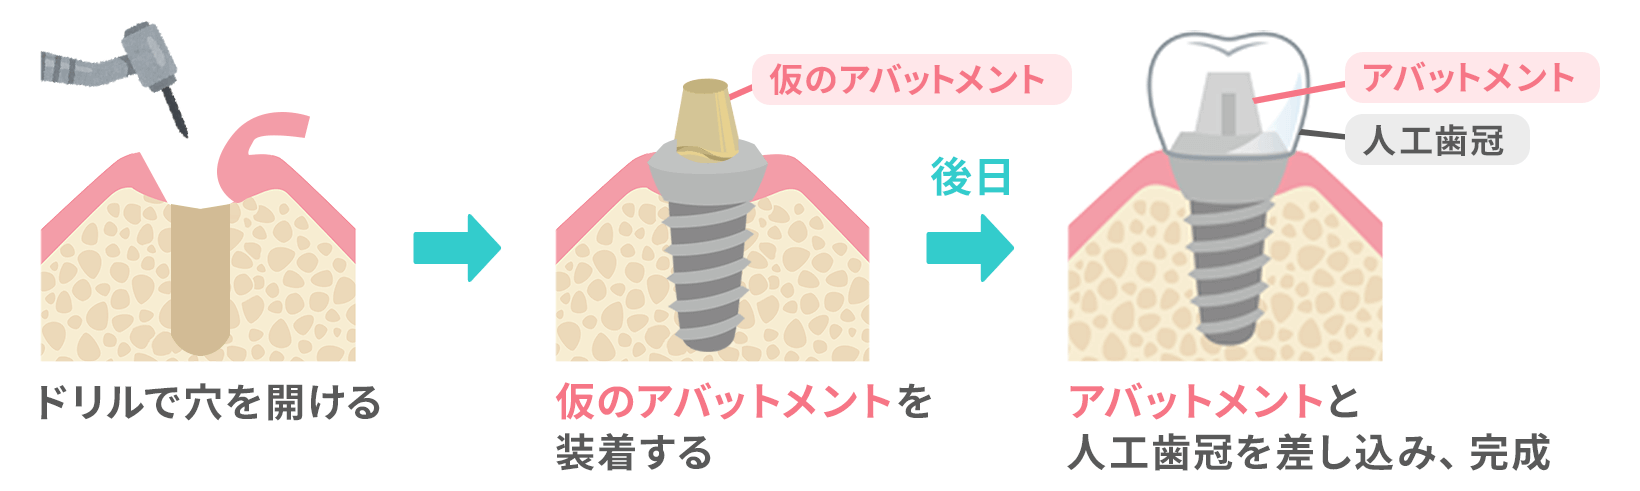 1回法の手術図。歯茎を切開してインプラントを埋め込み、顎の骨に馴染むまで待ってからアバットメント(土台)に人工歯を差し込む